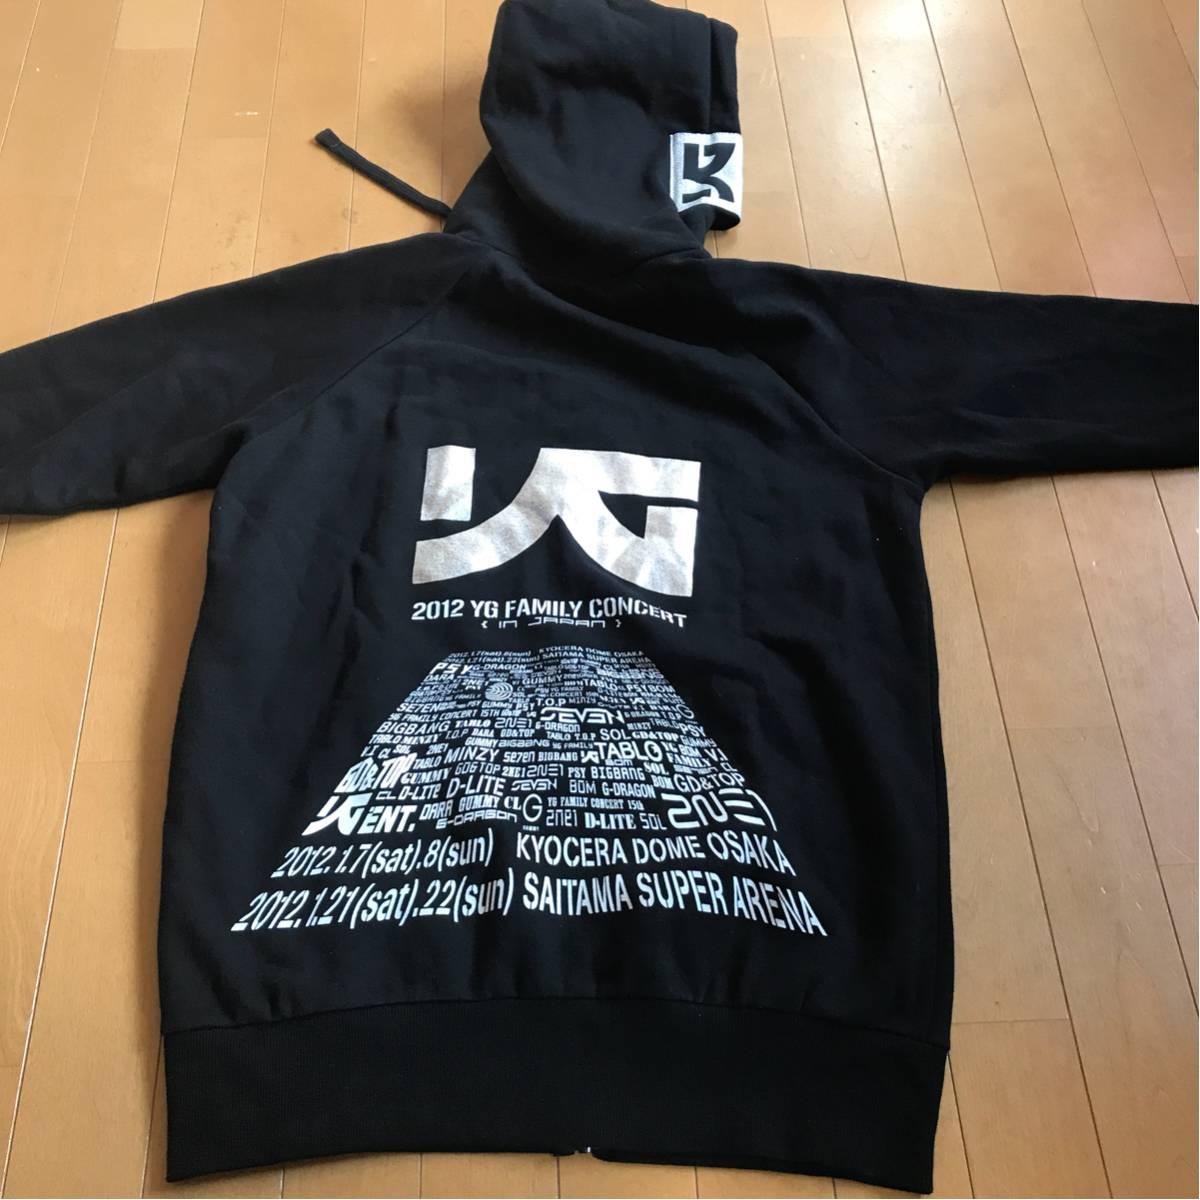 2012 YG FAMILY CONCERT パーカー 美品 L ジップアップパーカー 2NE1 BIGBANG TABLO ライブグッズの画像